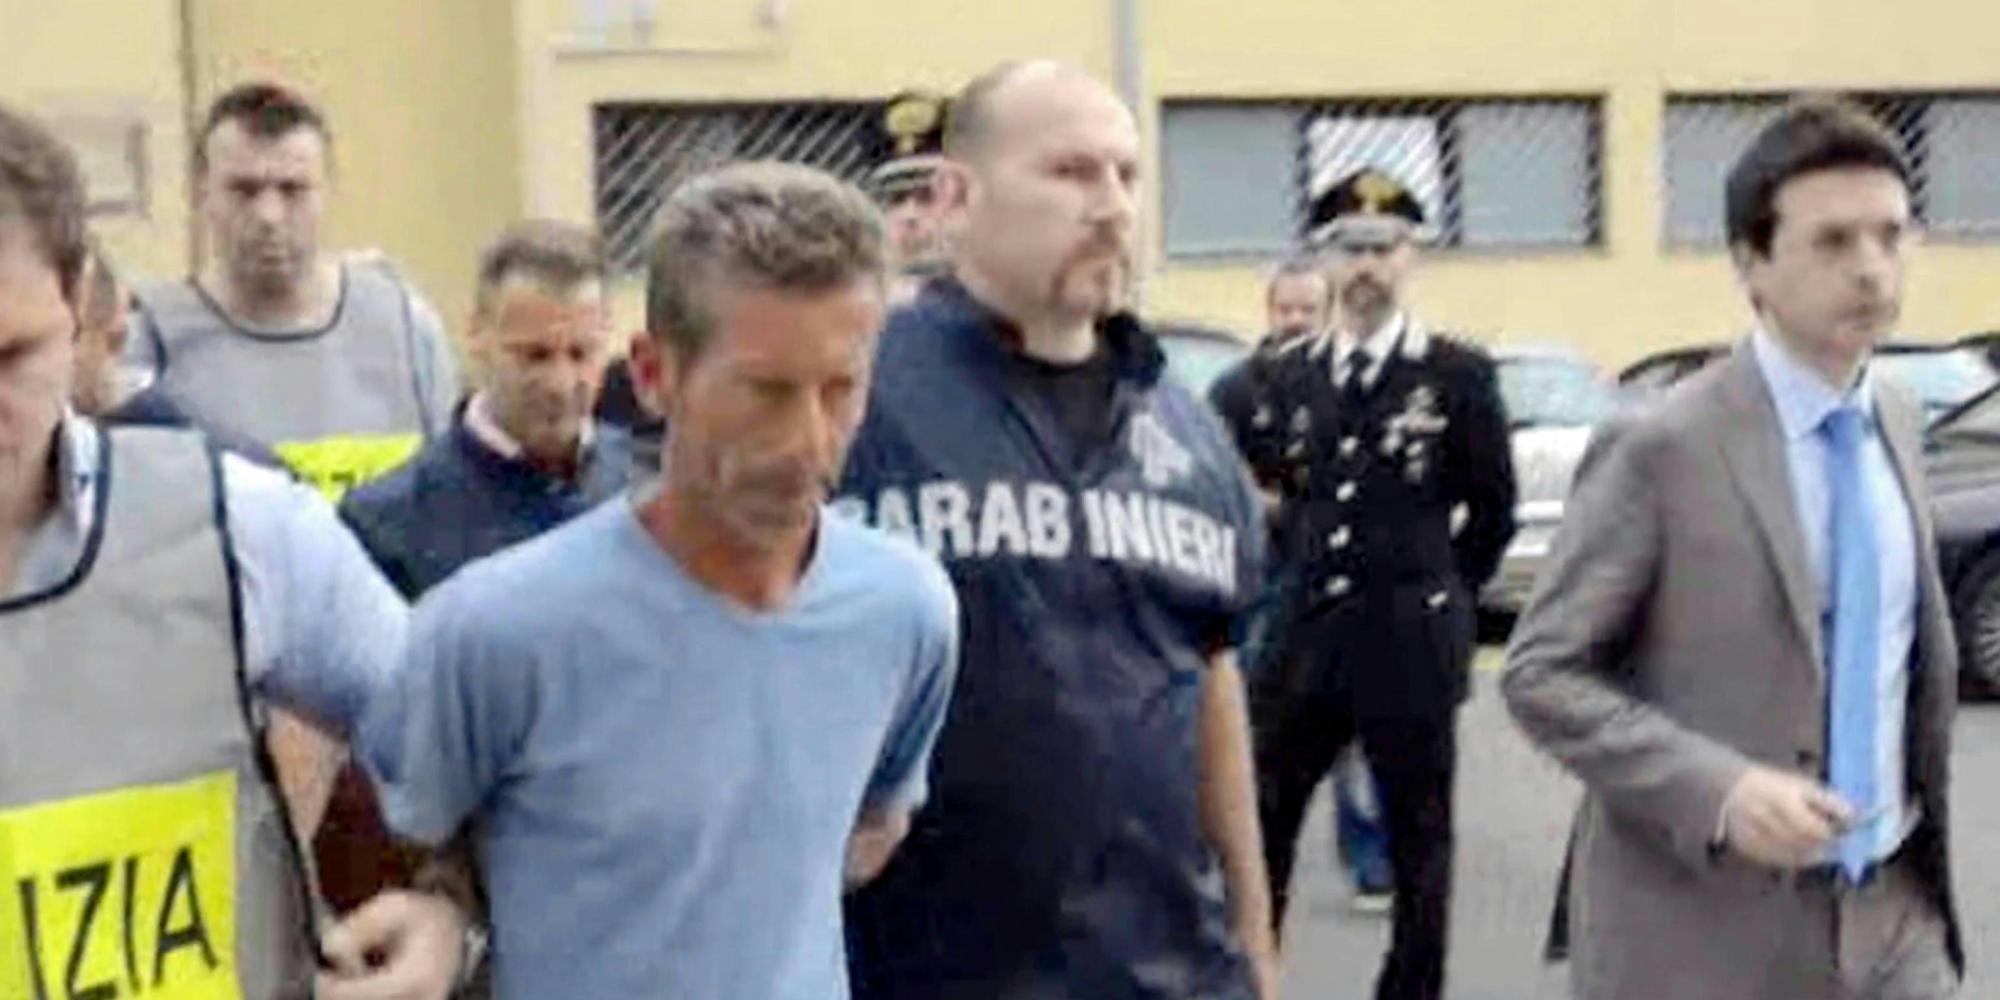 Massimo giuseppe bossetti yara uccisa per una vendetta - Papa bagno chimico ...